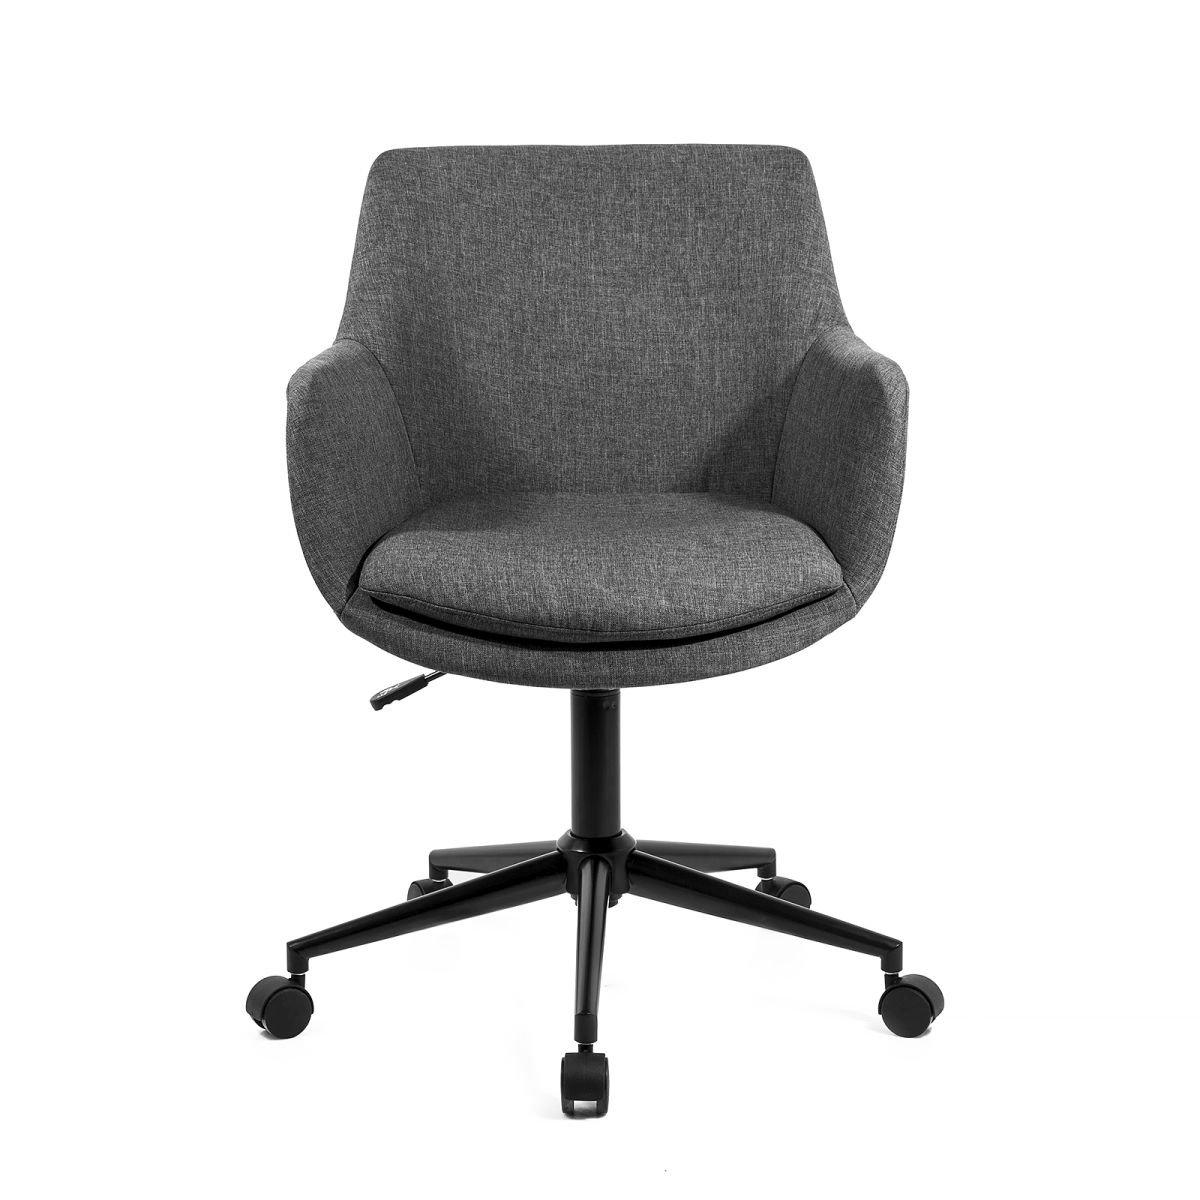 SKEI Fauteuil de bureau inclinable en métal - Polyester - Gris - Industriel - L 57 x P 58 cm